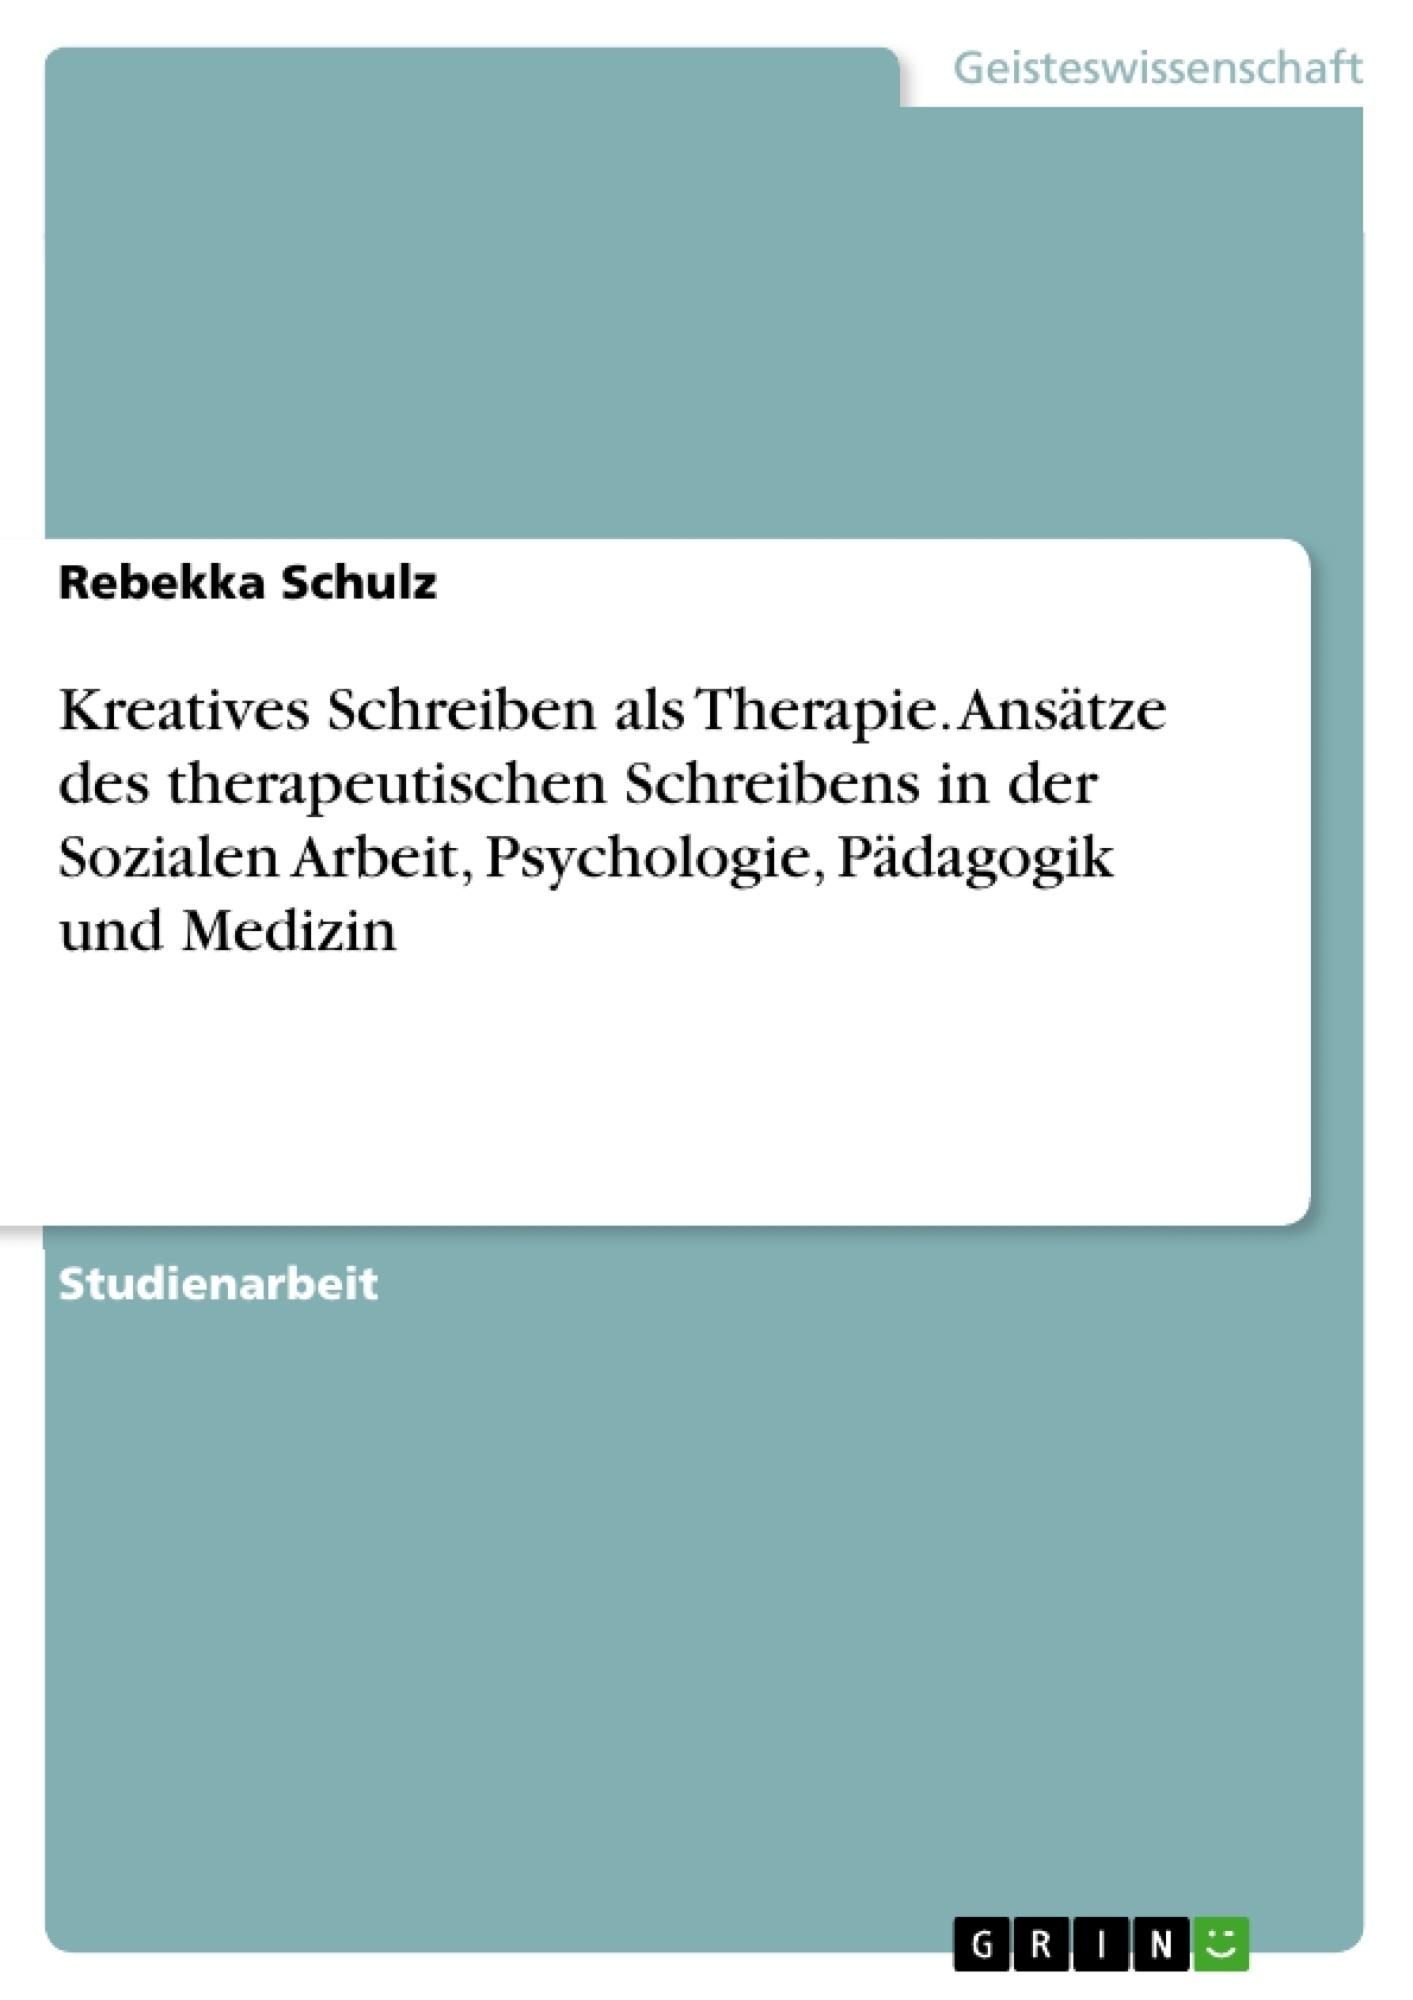 Titel: Kreatives Schreiben als Therapie. Ansätze des therapeutischen Schreibens in der Sozialen Arbeit, Psychologie, Pädagogik und Medizin